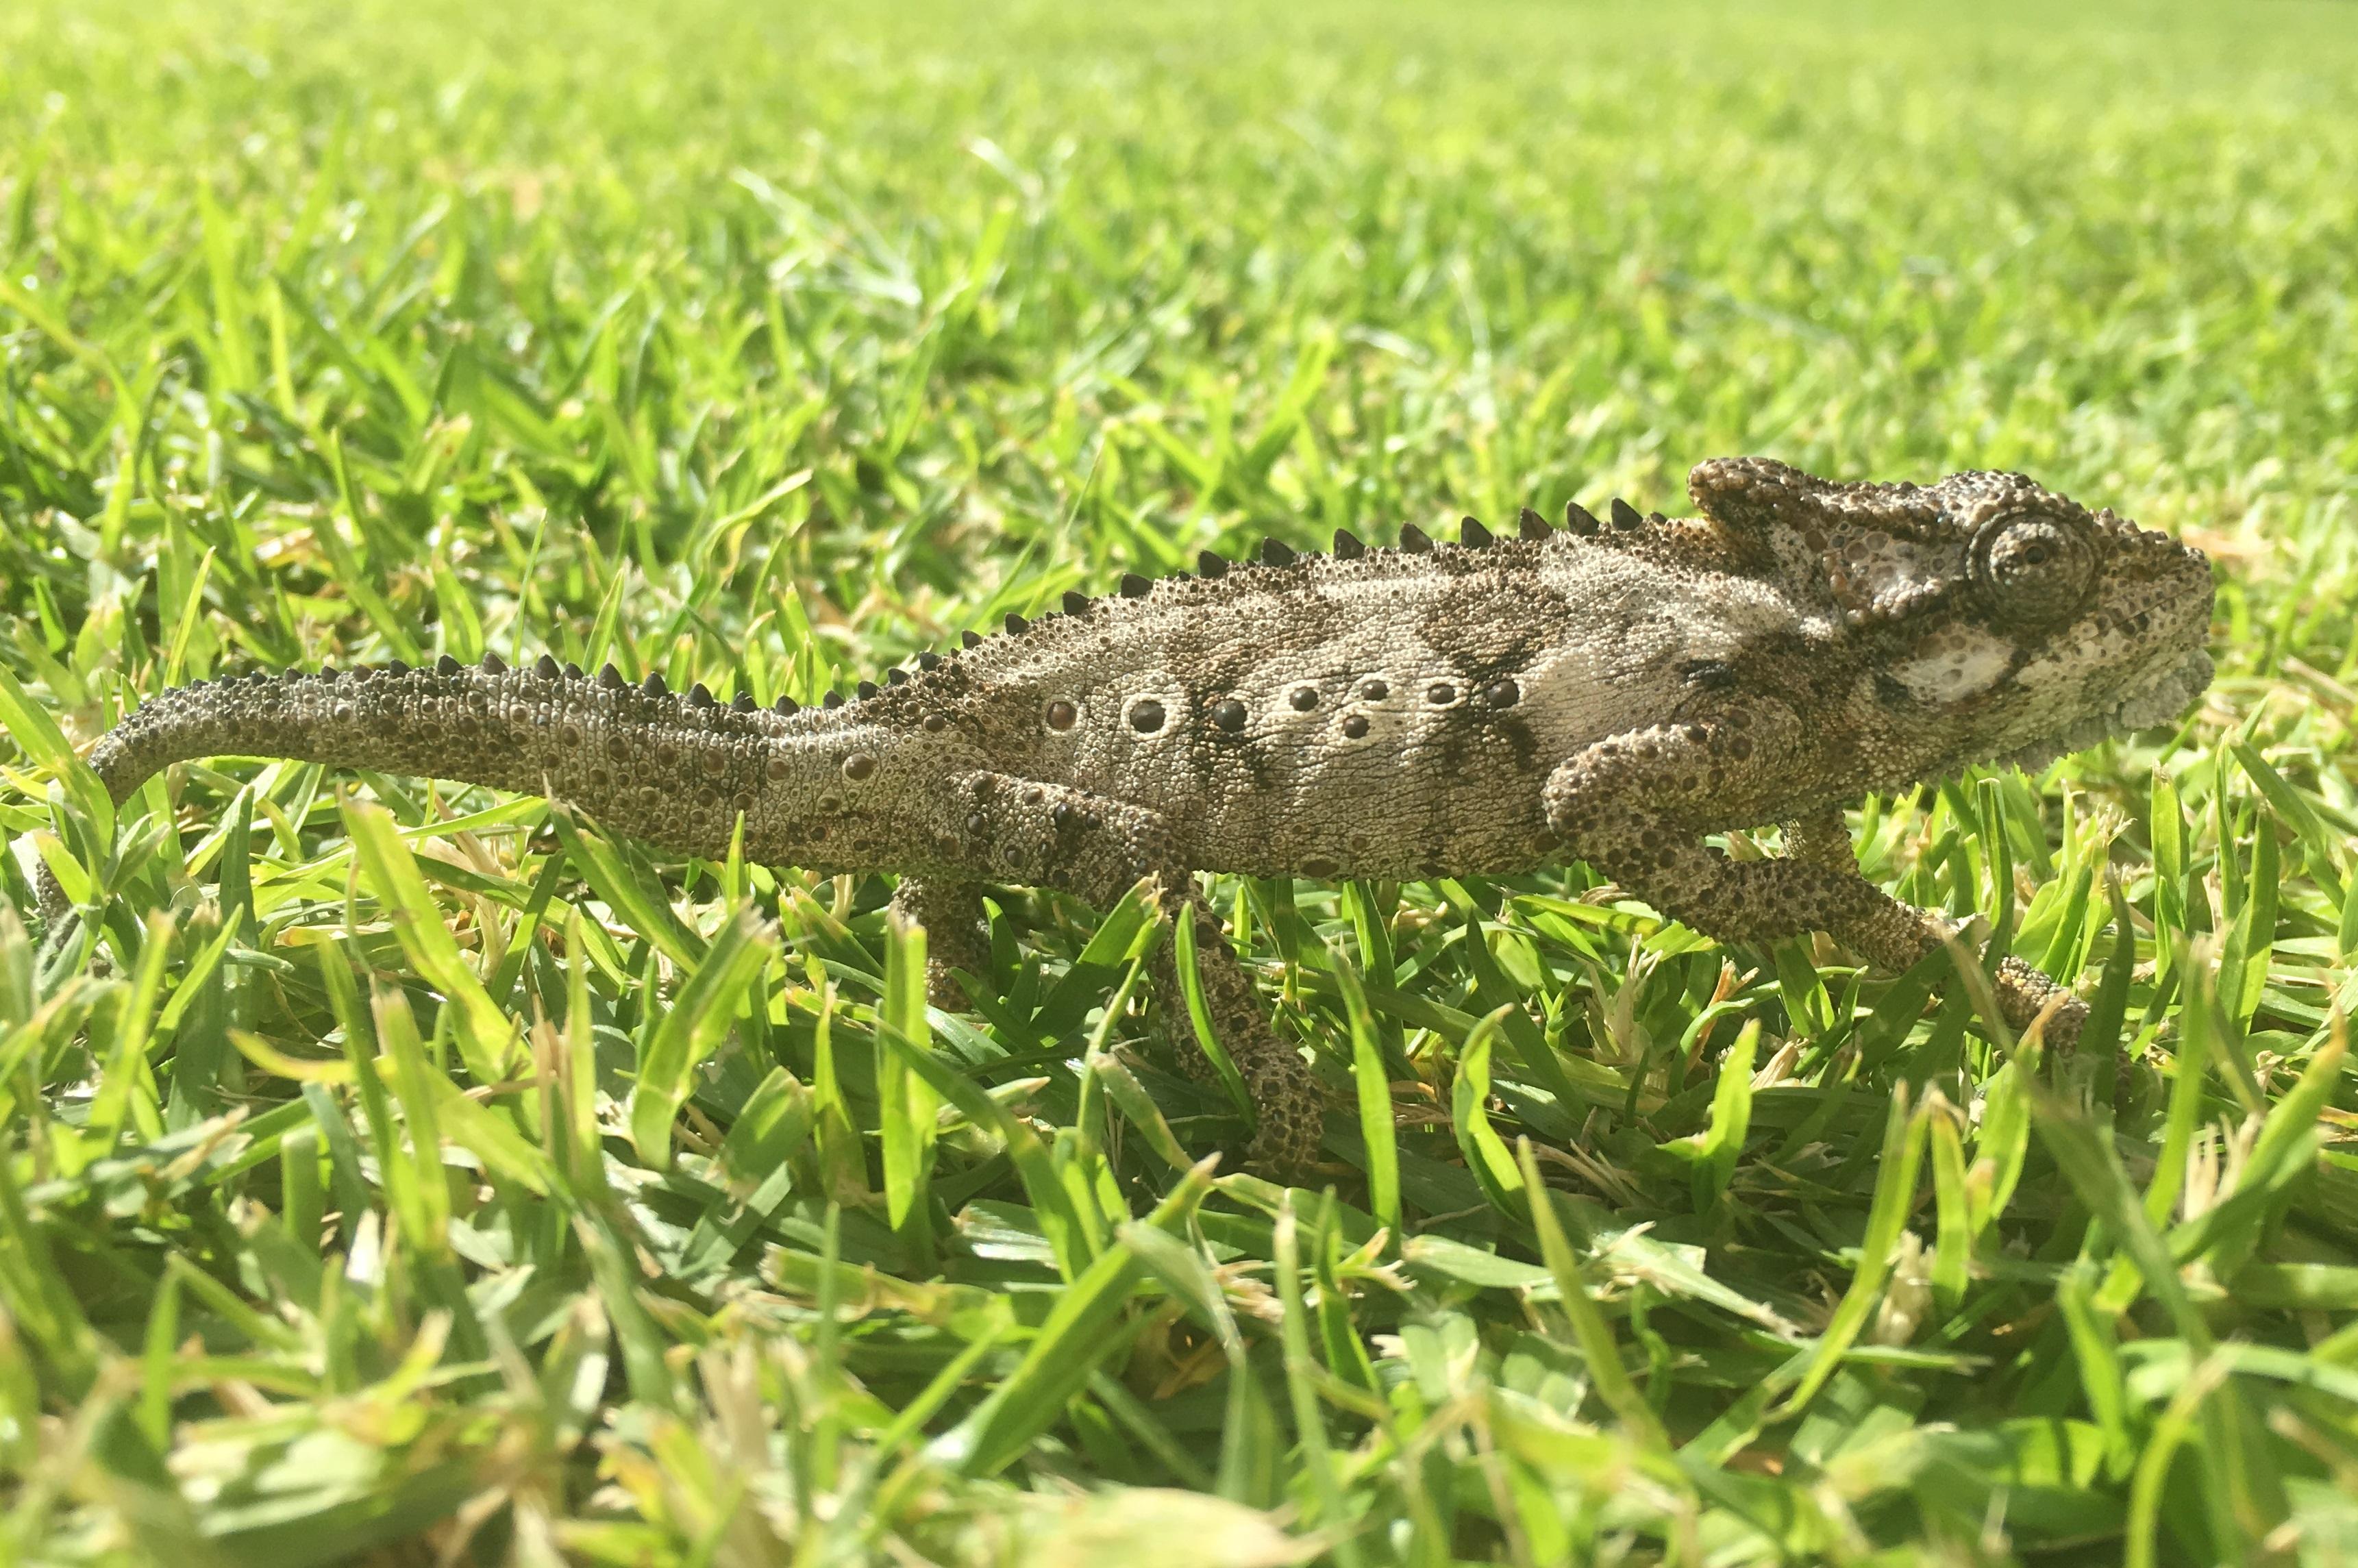 A Reptilian encounter in suburban South Africa